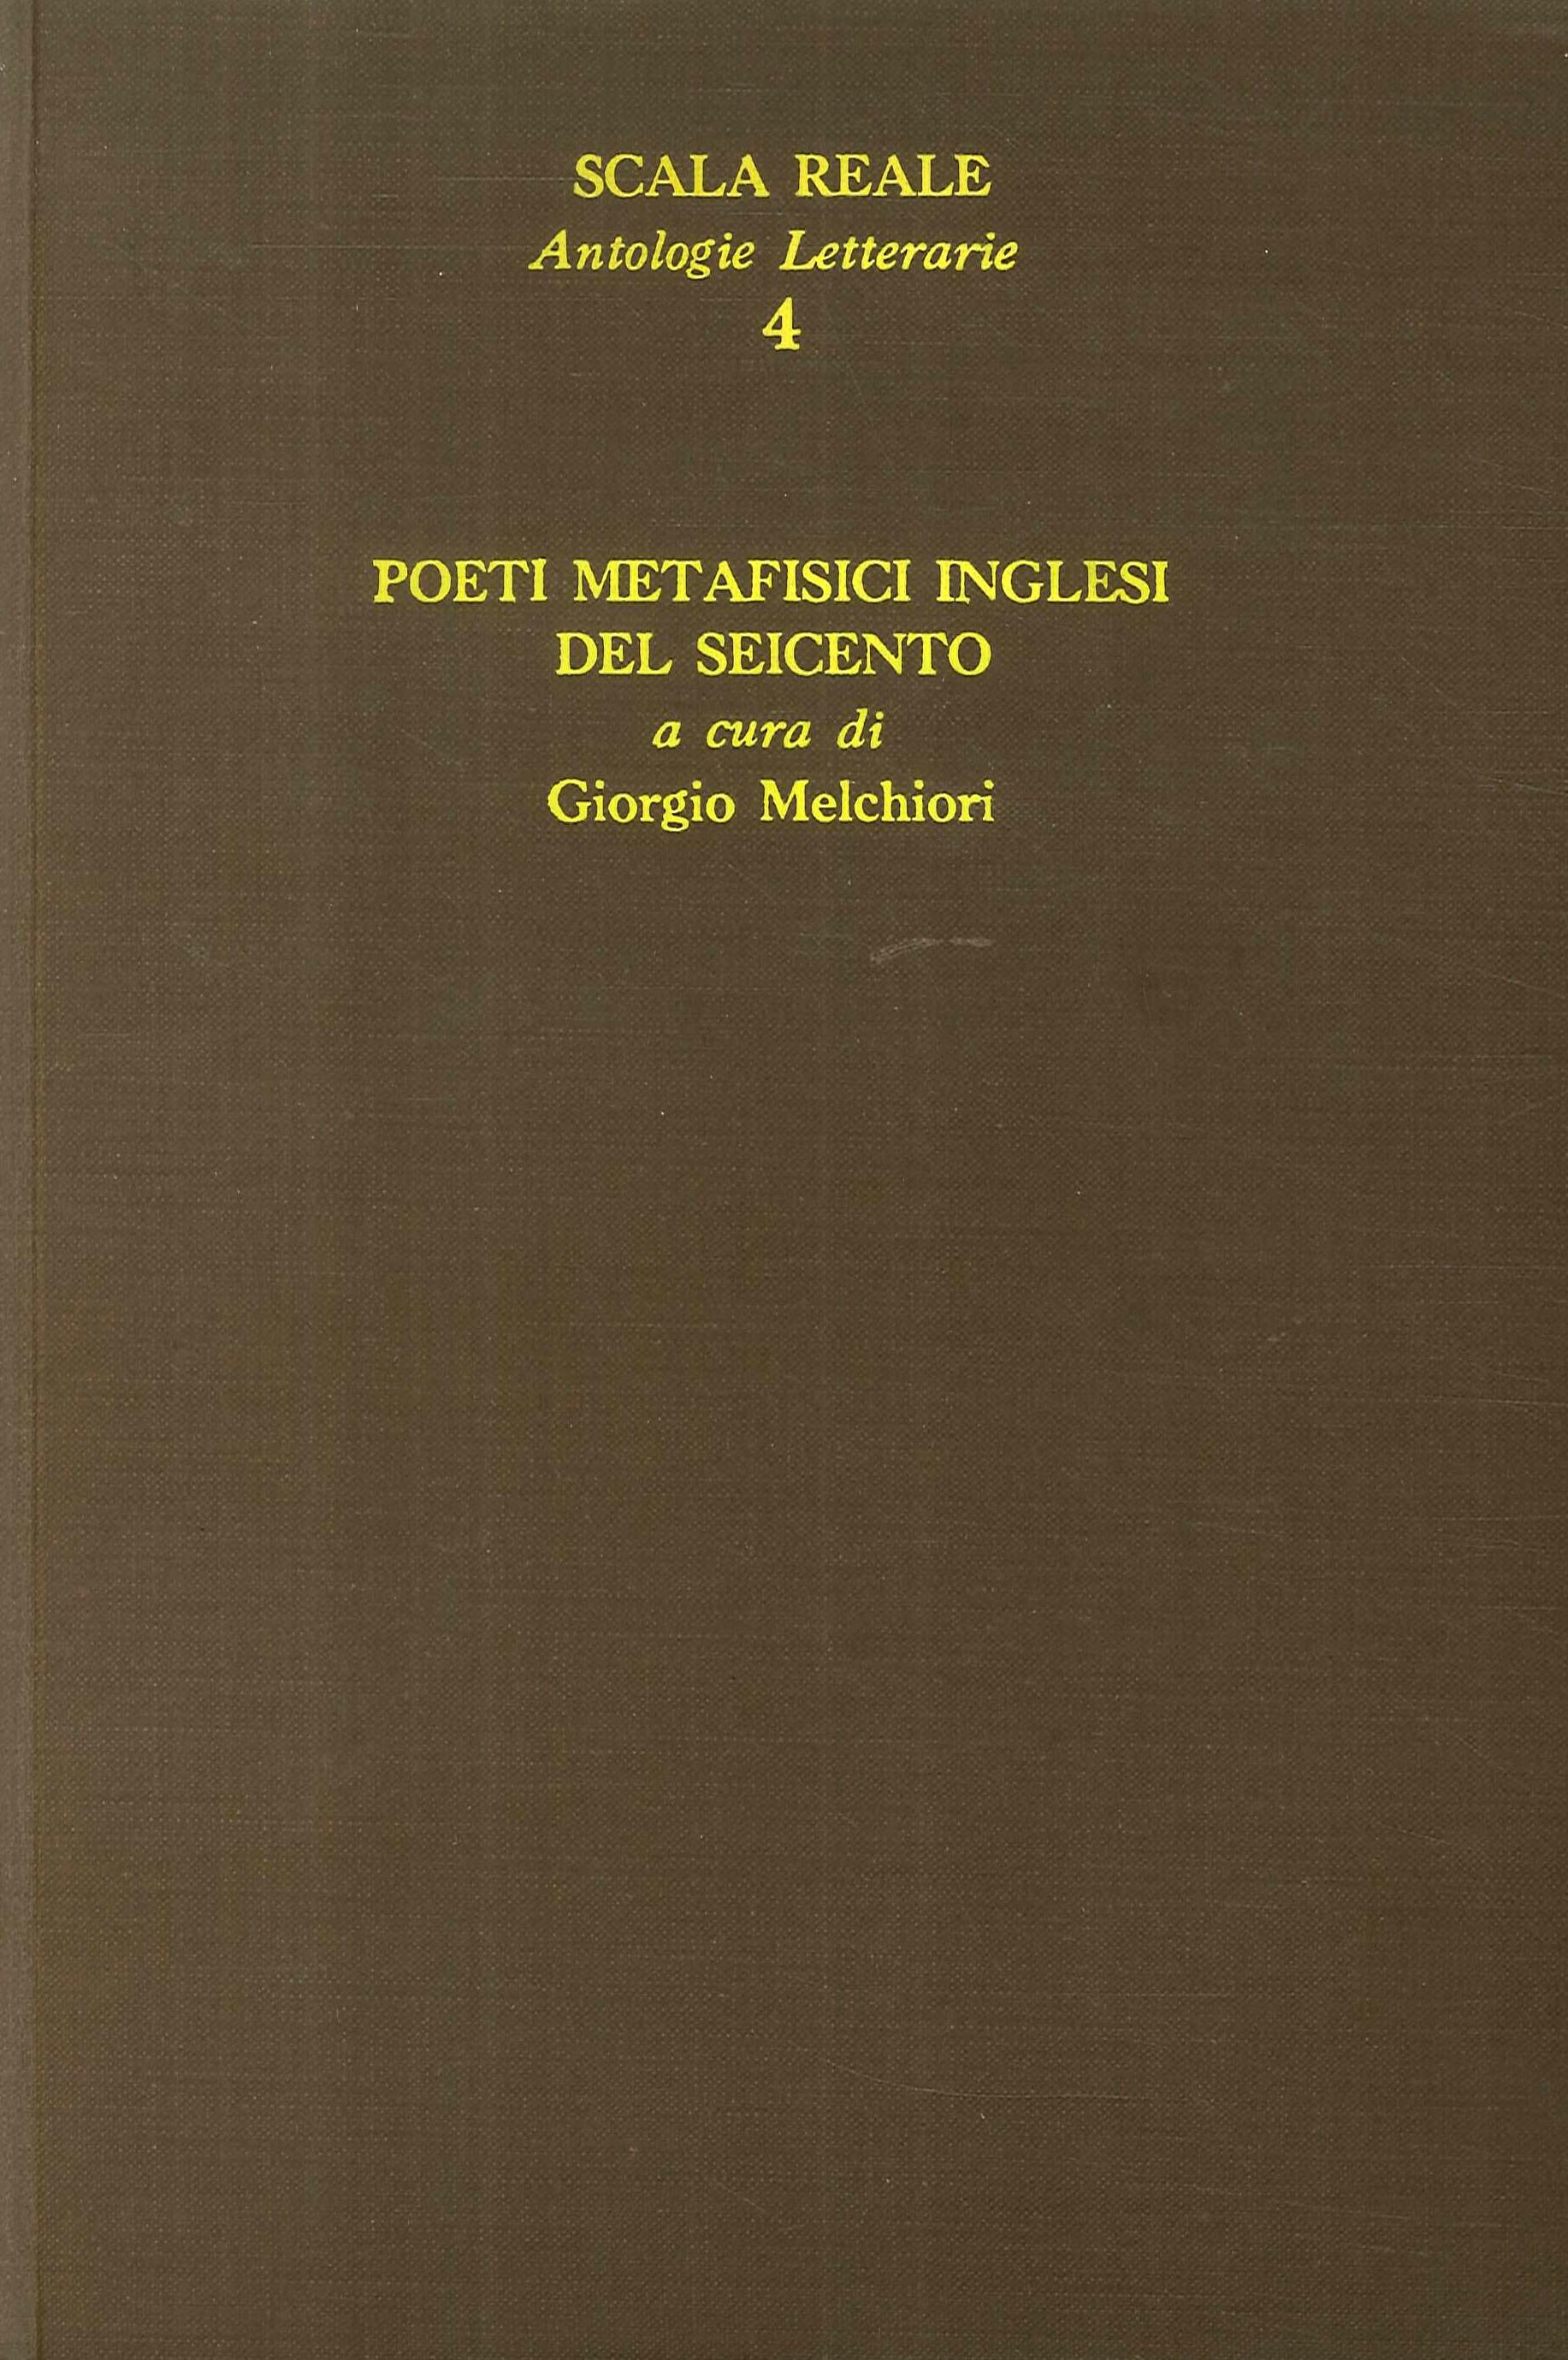 Poeti metafisici inglesi del Seicento